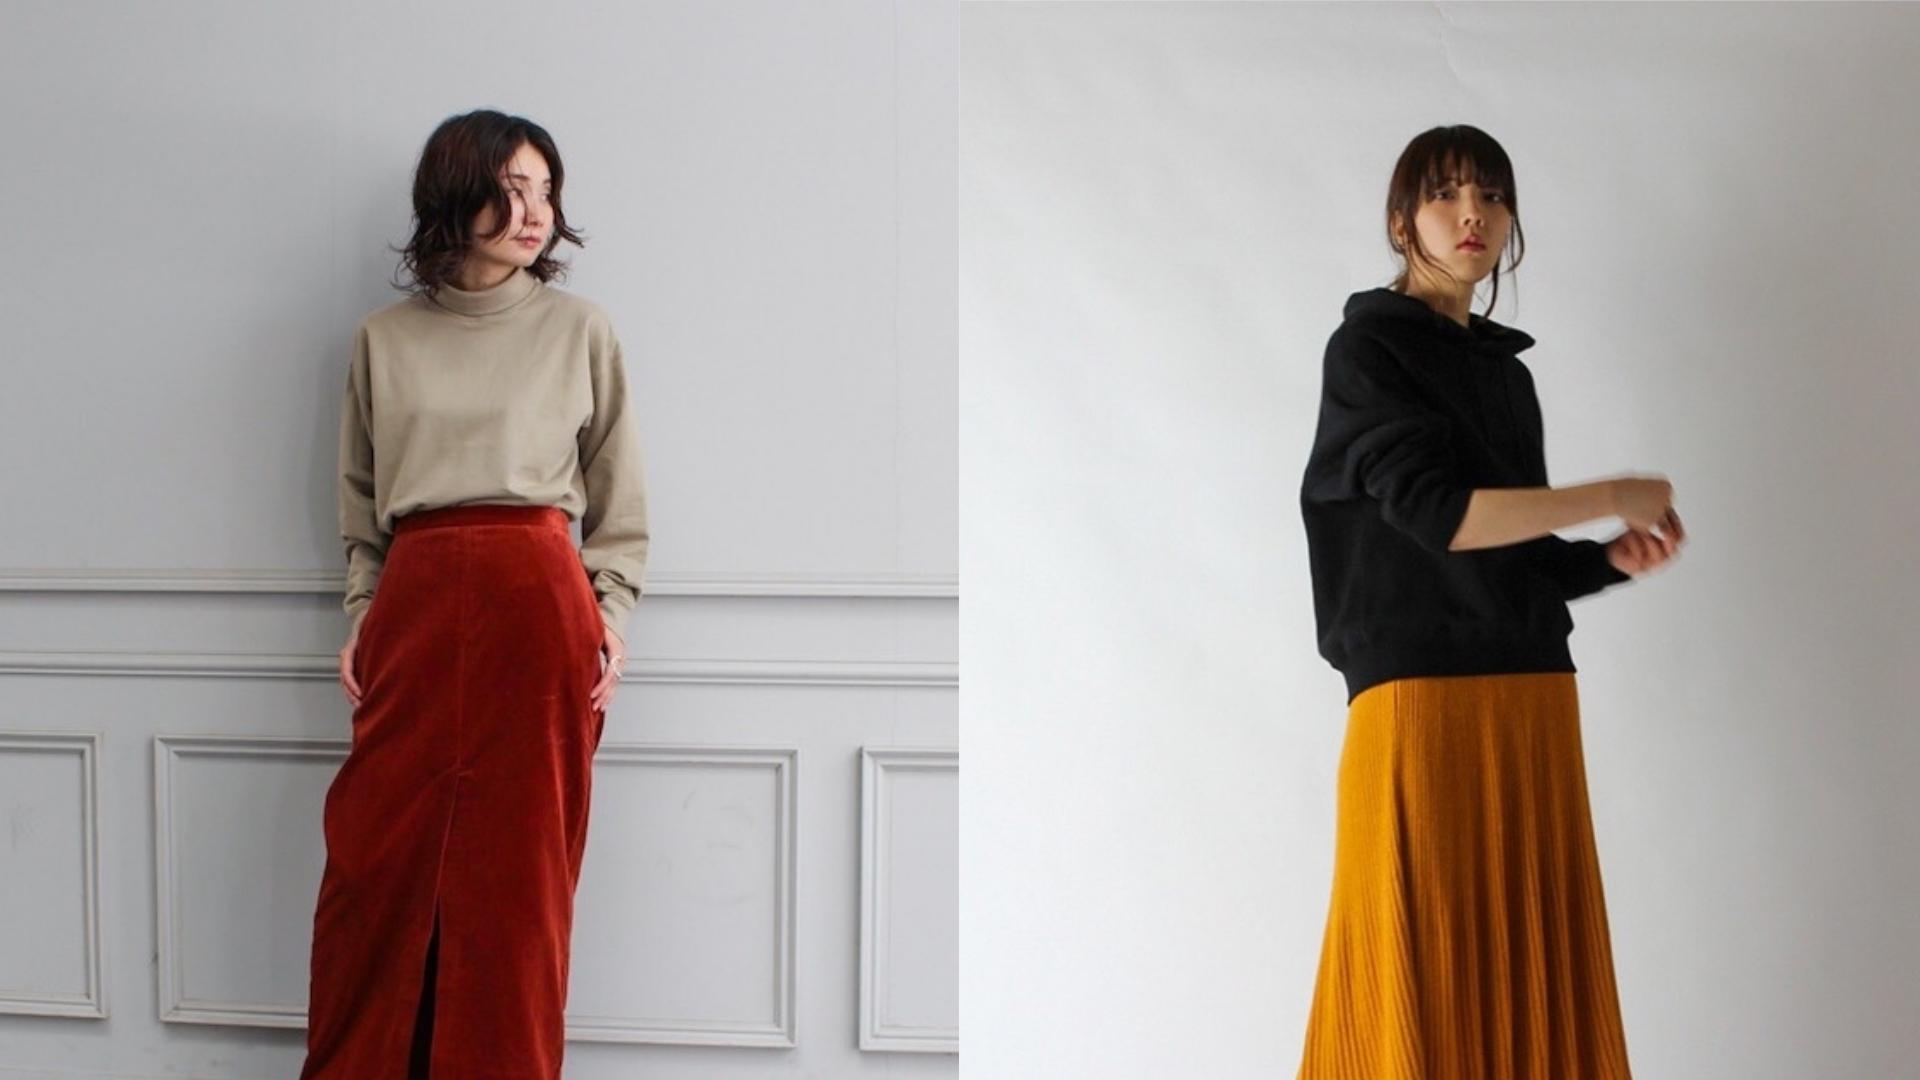 品味女子不可錯過!三款散發秋日氛圍的日本女裝單品